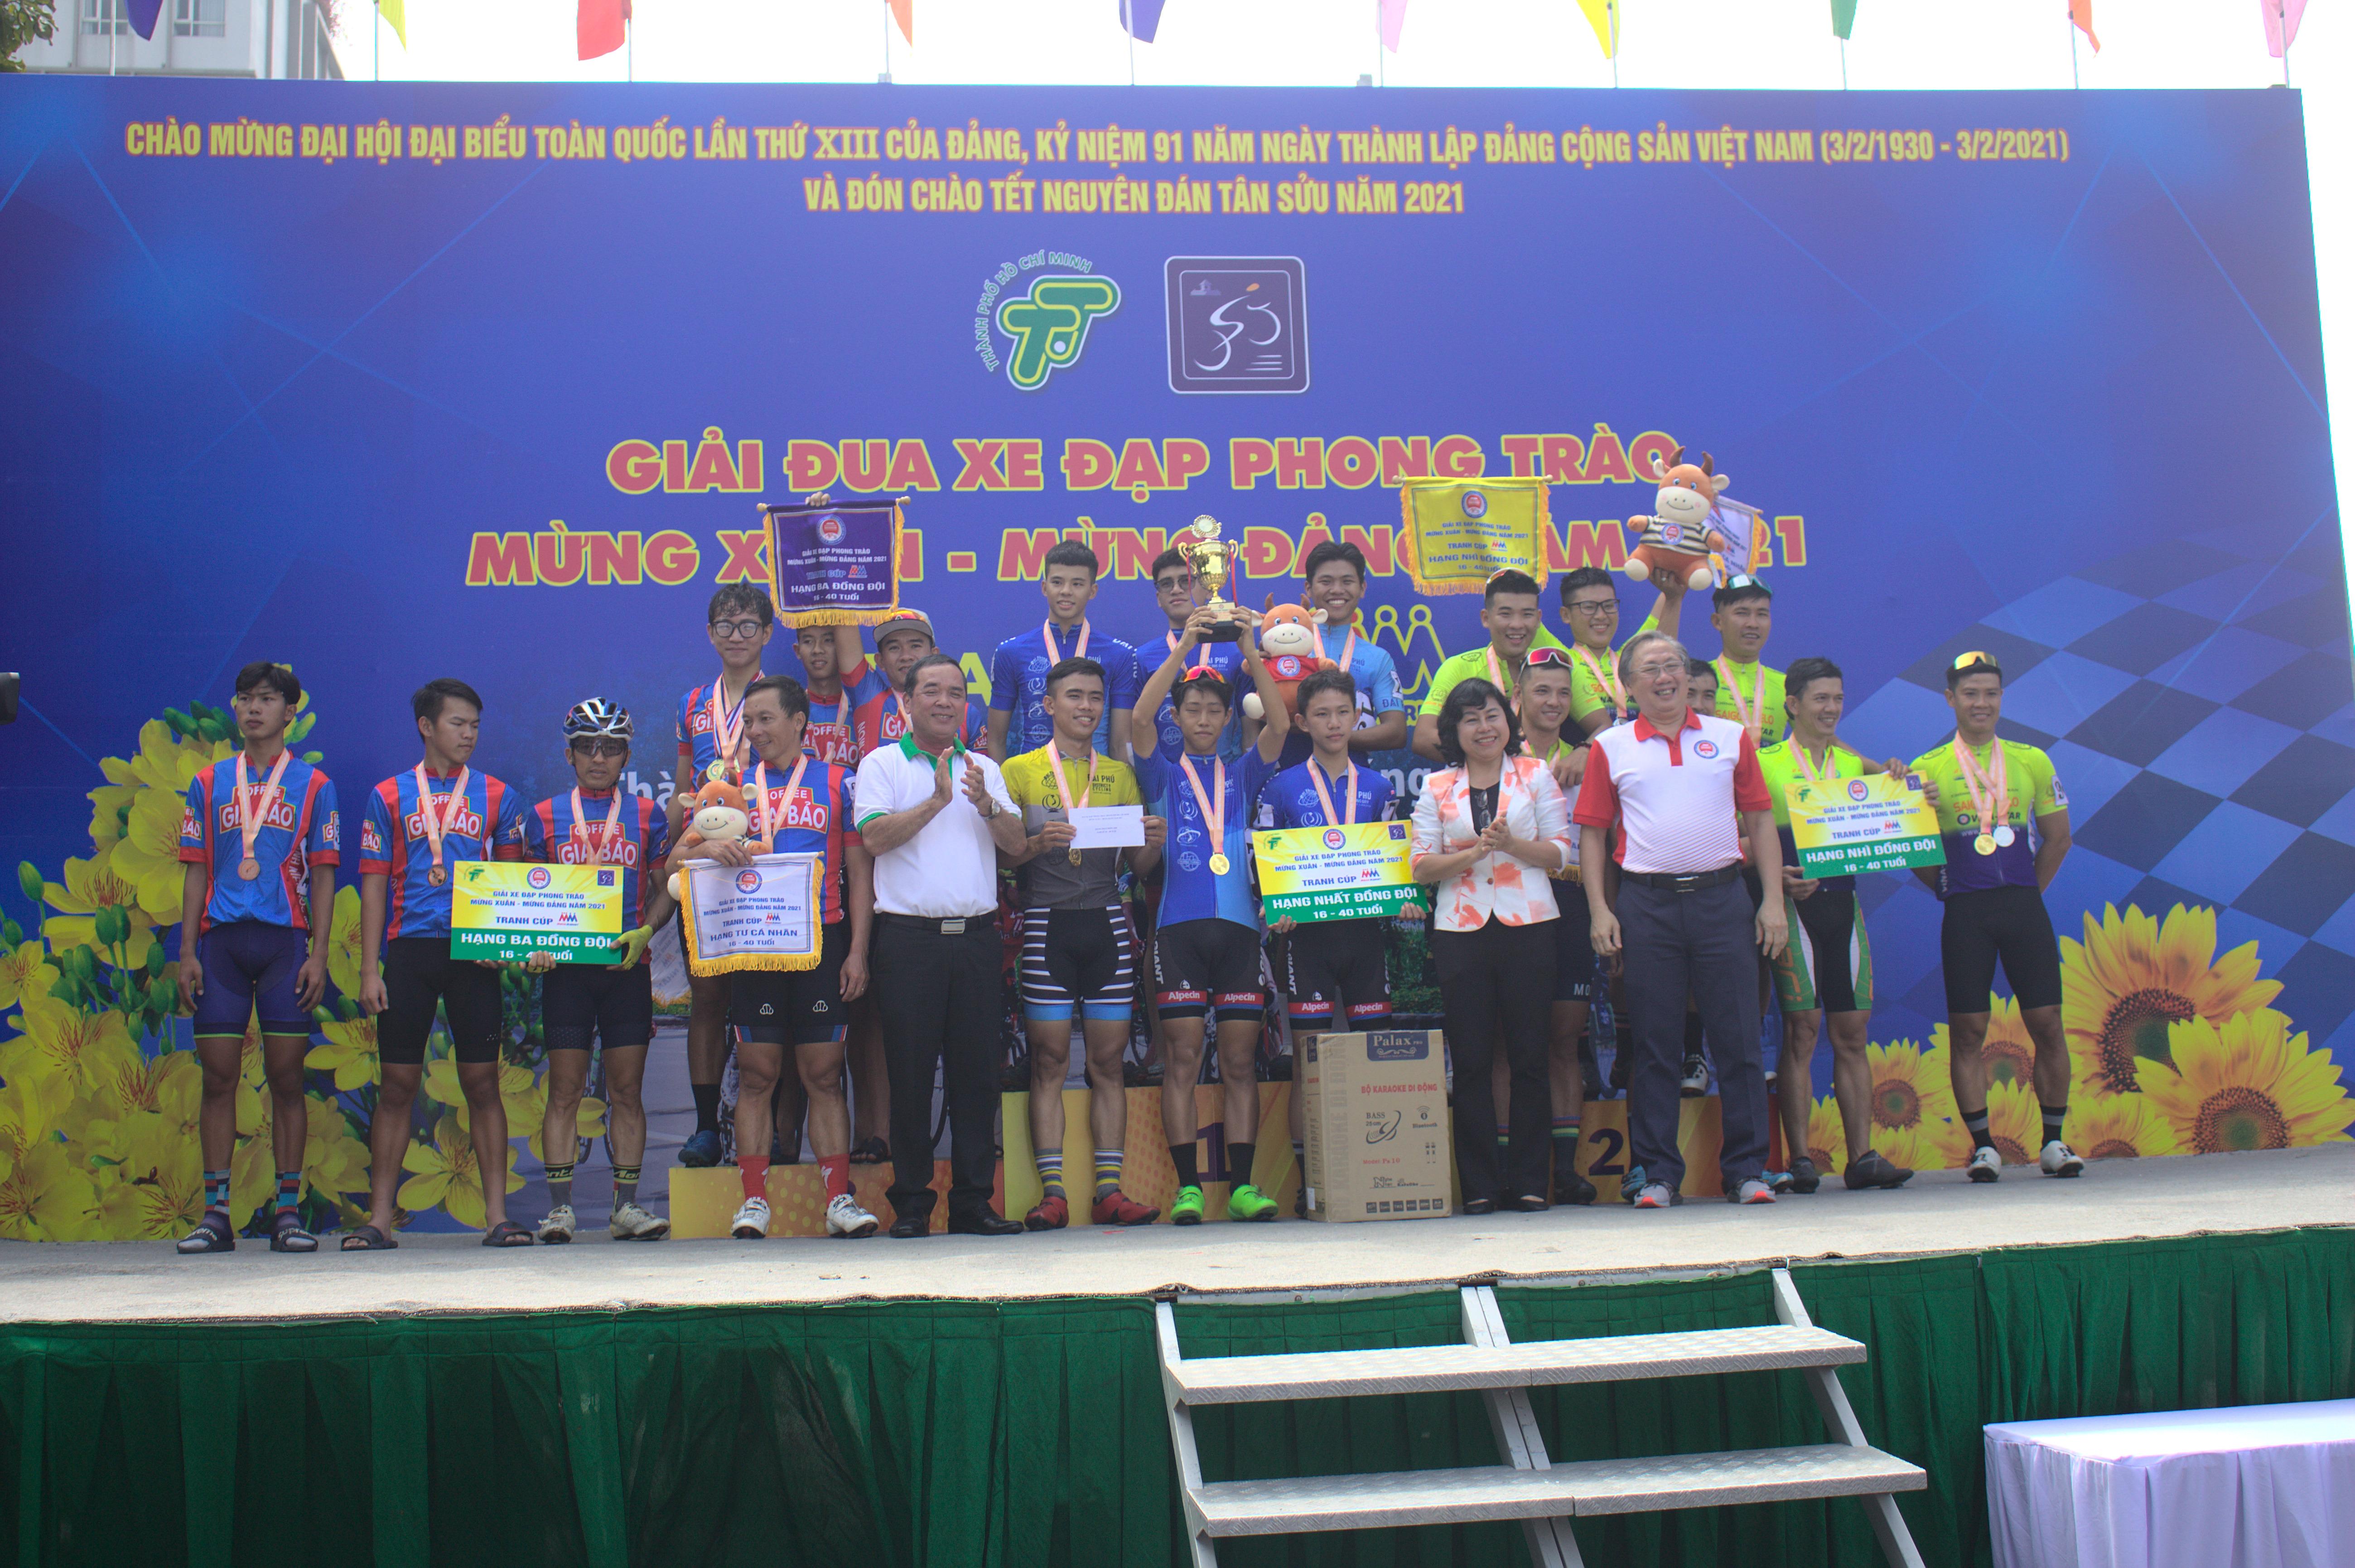 Hình ảnh: Sôi nổi giải xe đạp phong trào mừng Đảng - mừng Xuân Tân Sửu 2021 số 8